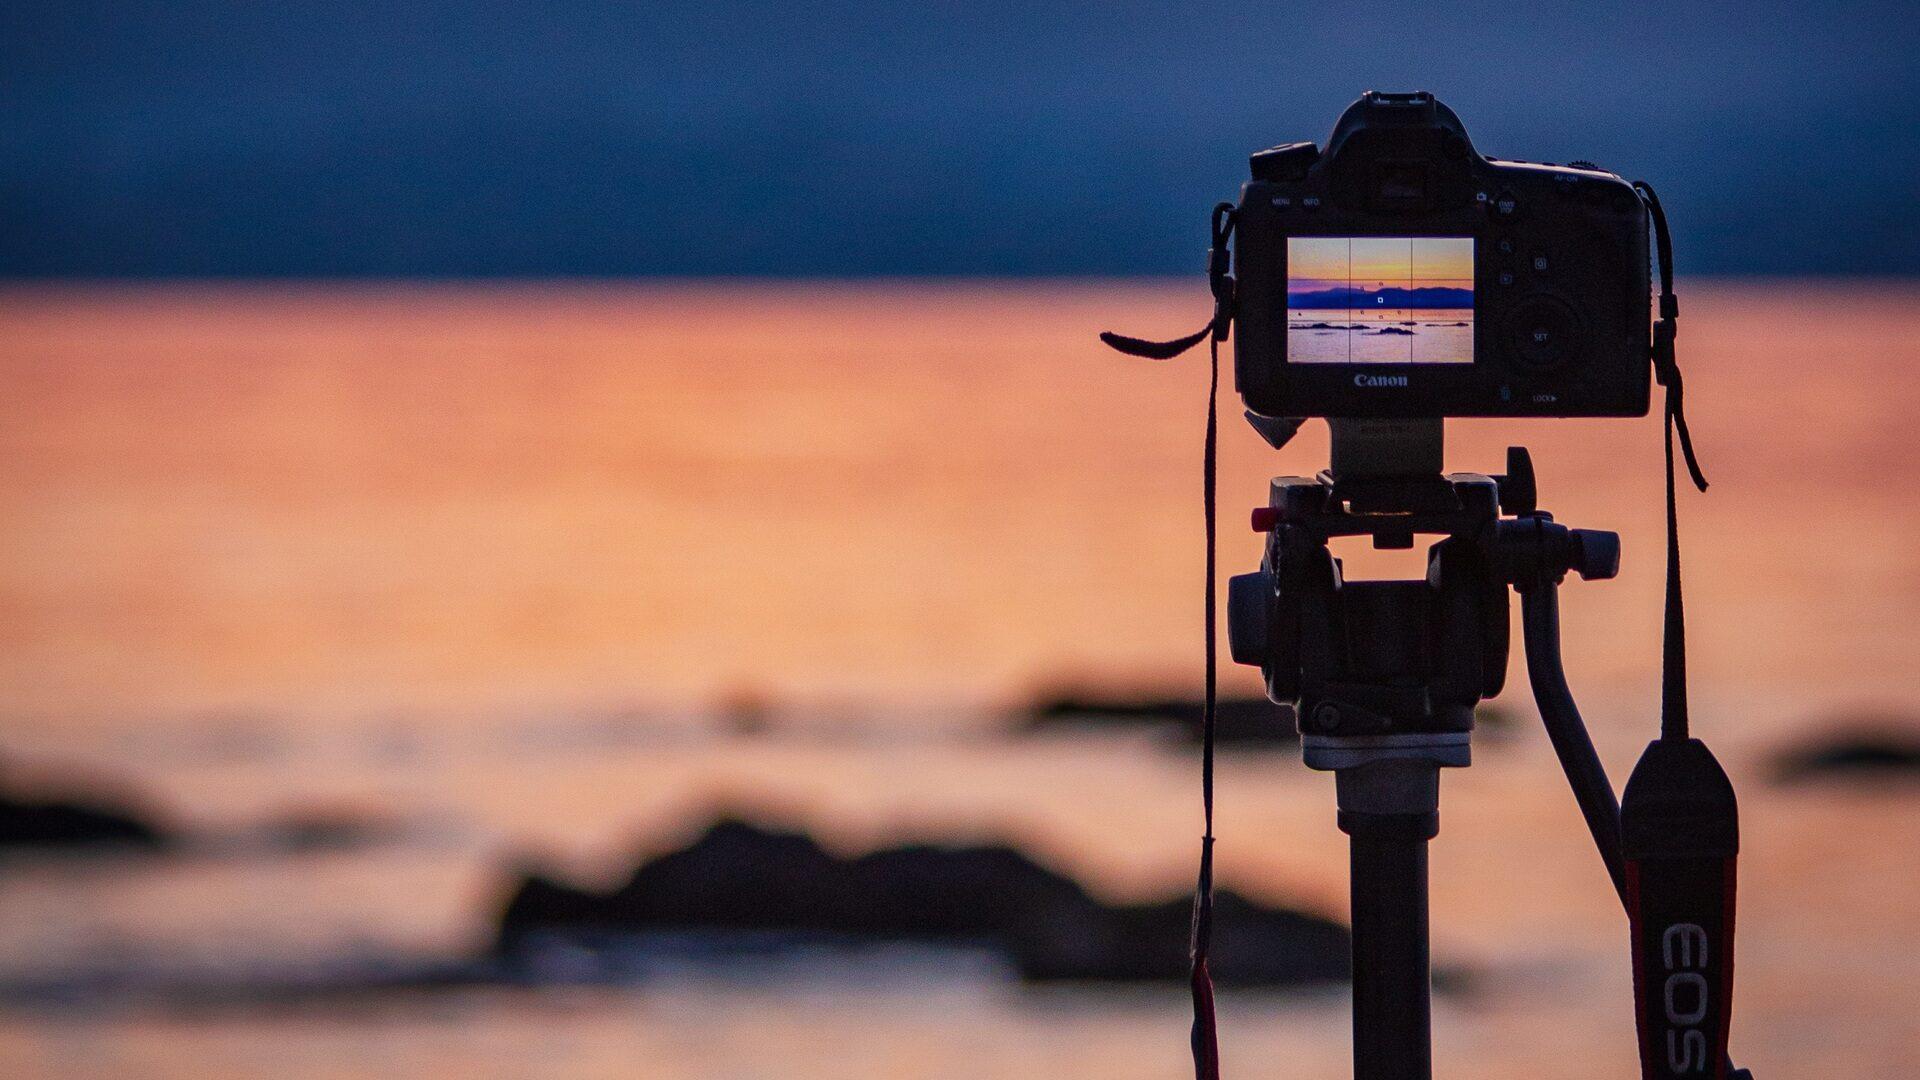 Pied appareil photo : quels types? Comment choisir?